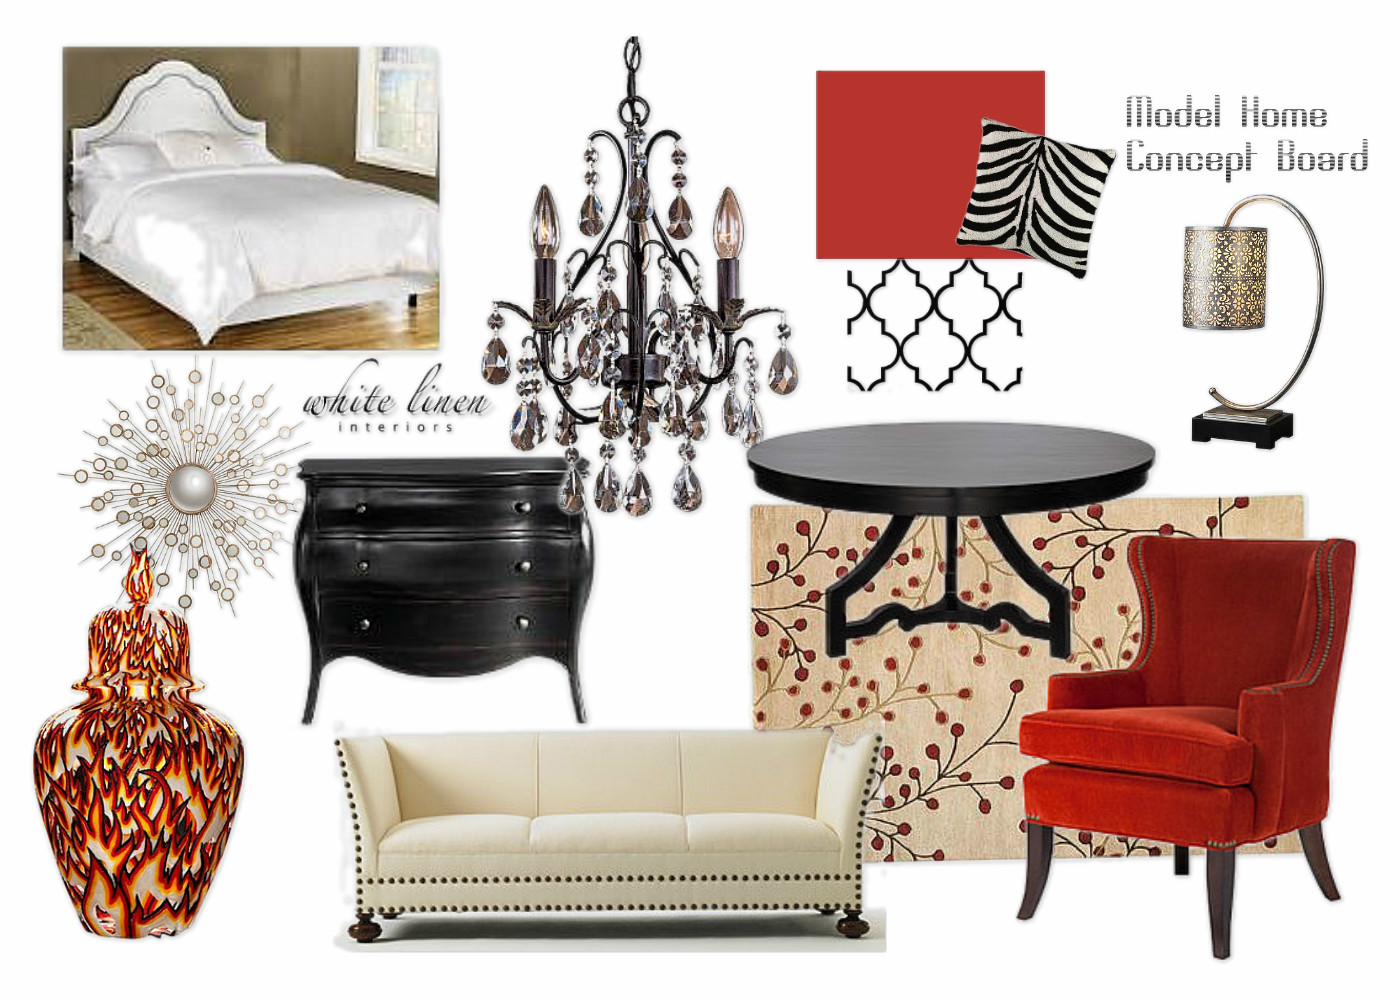 Gallery of Idea Decor Boards | 8/02/12 – White Linen Interiors